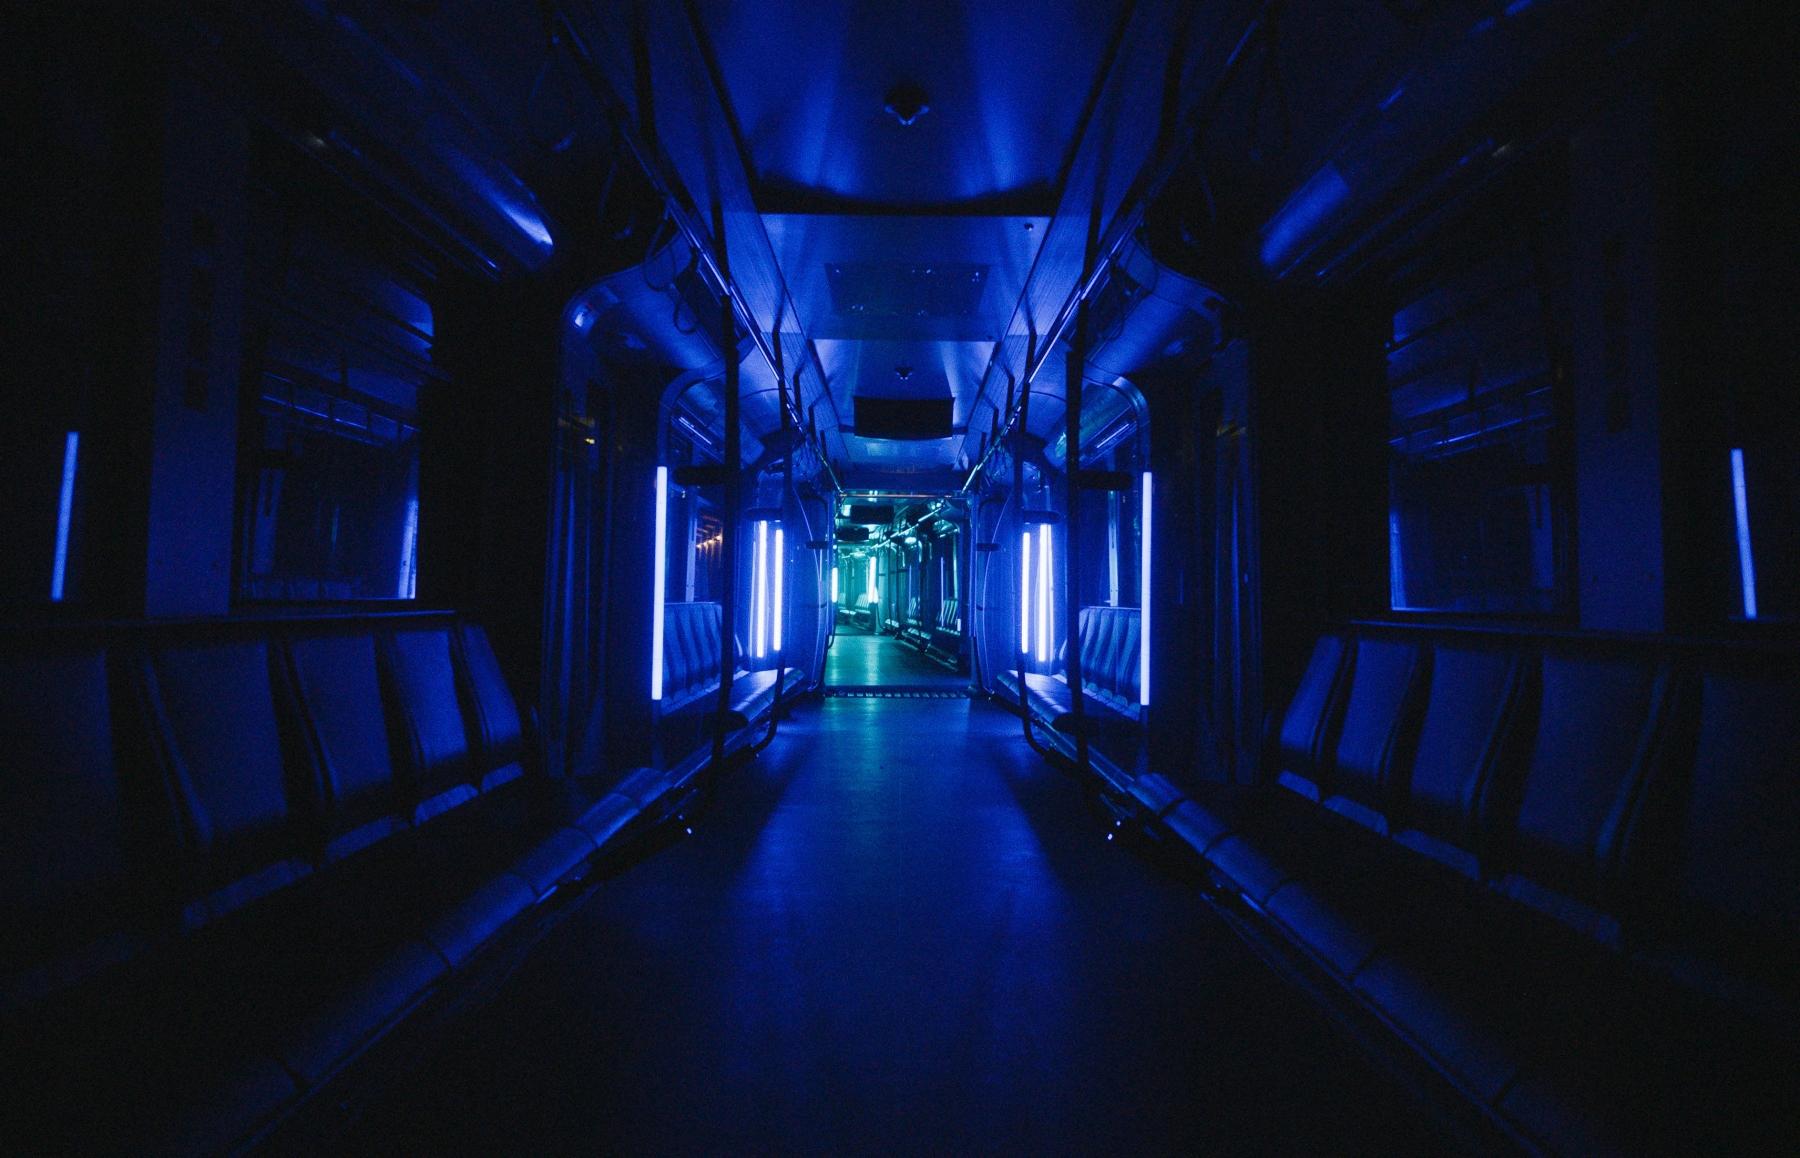 BVG_LichtImSchacht_U-Bahn_02